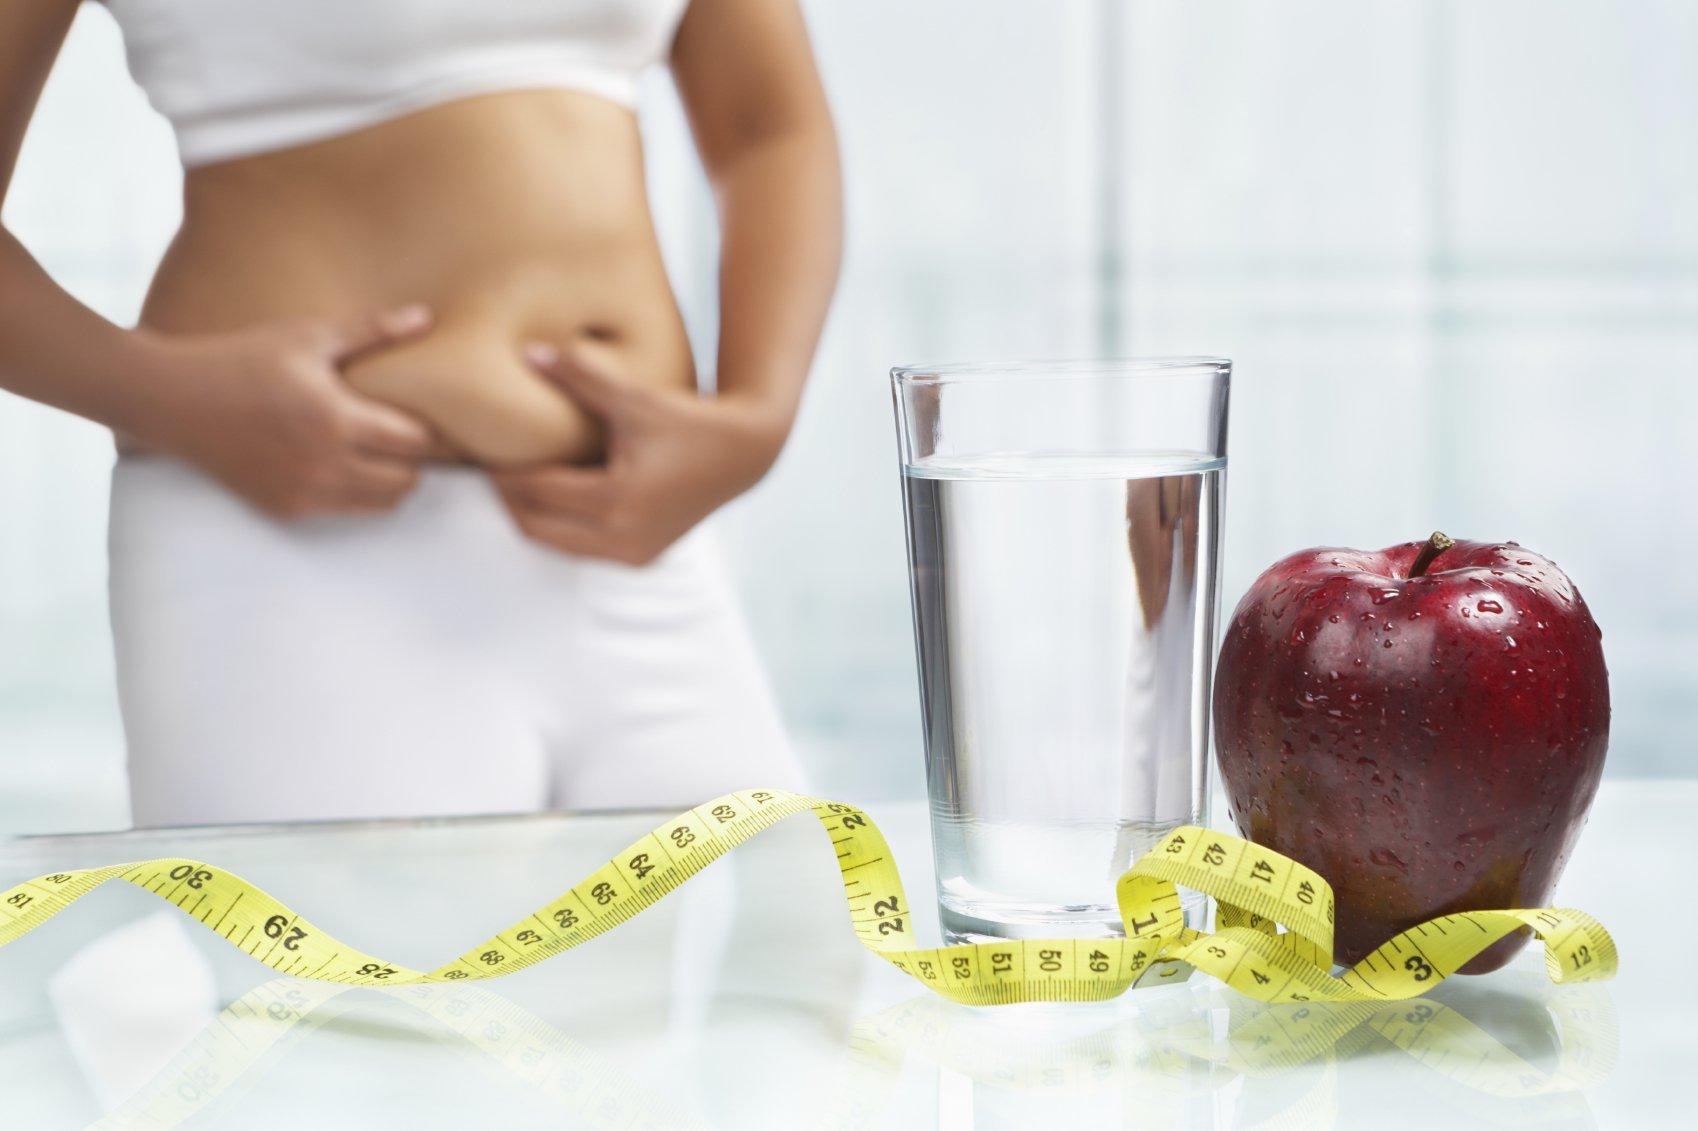 Как похудеть с простыми средствами